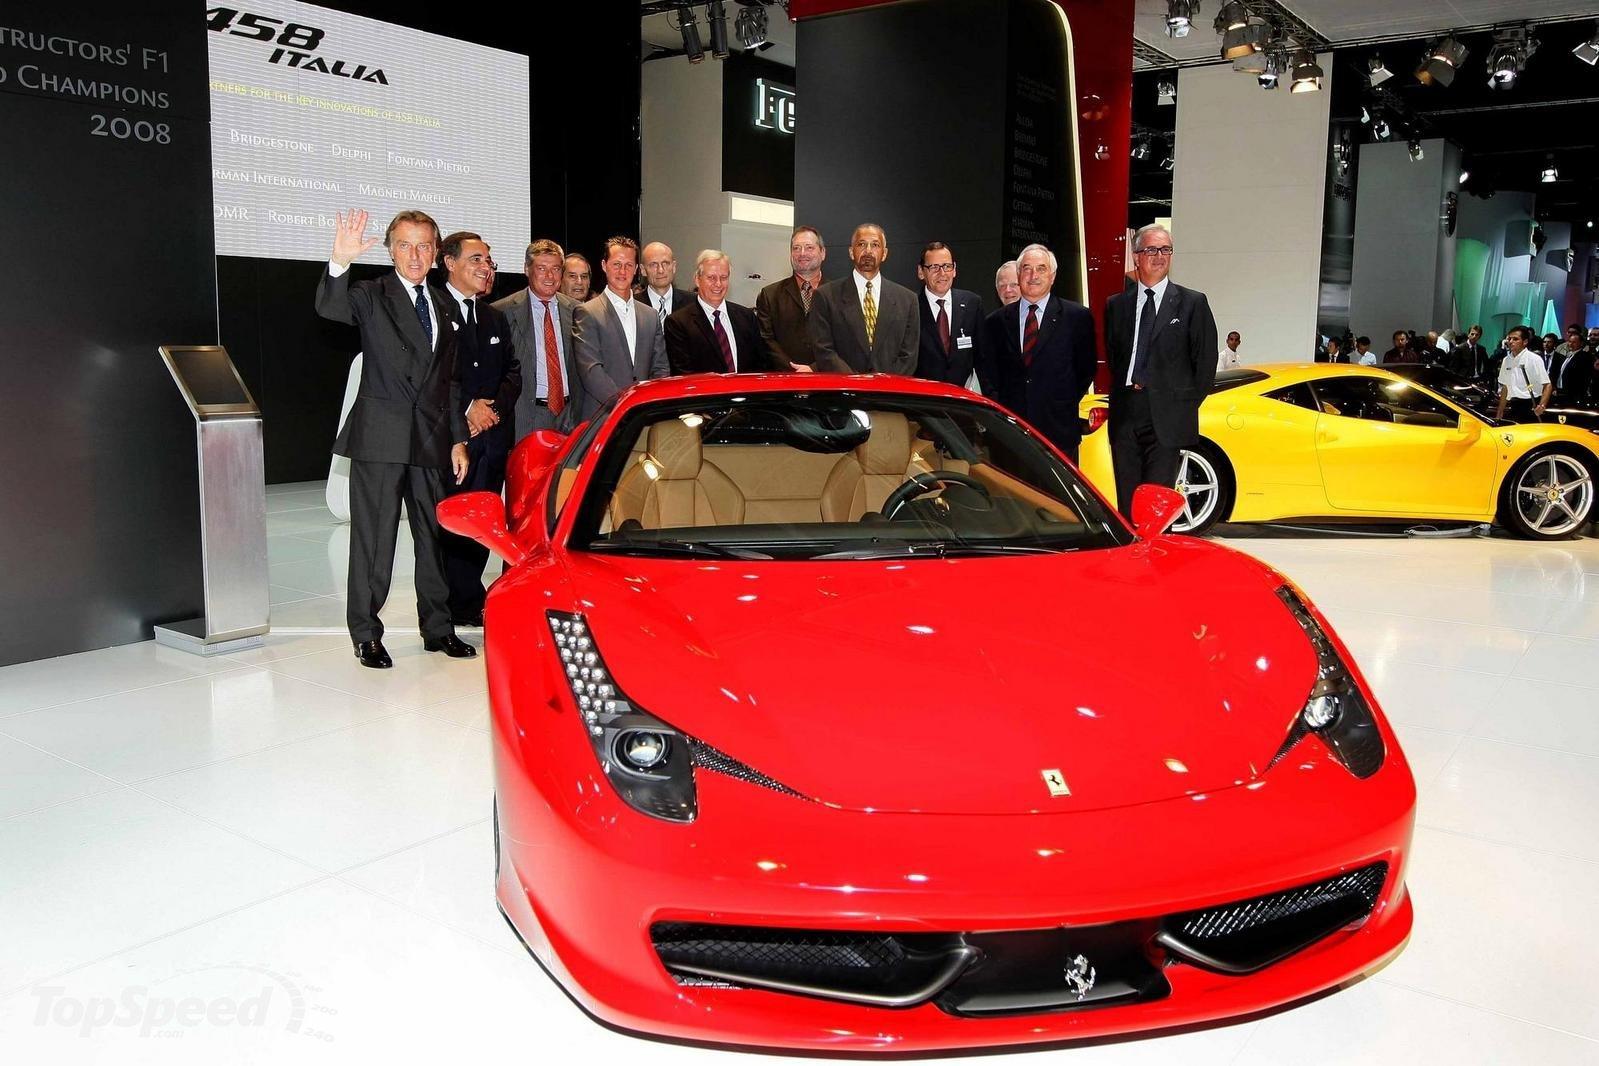 Desktop wall and pics: CARS-(Ferrari 458 italia)